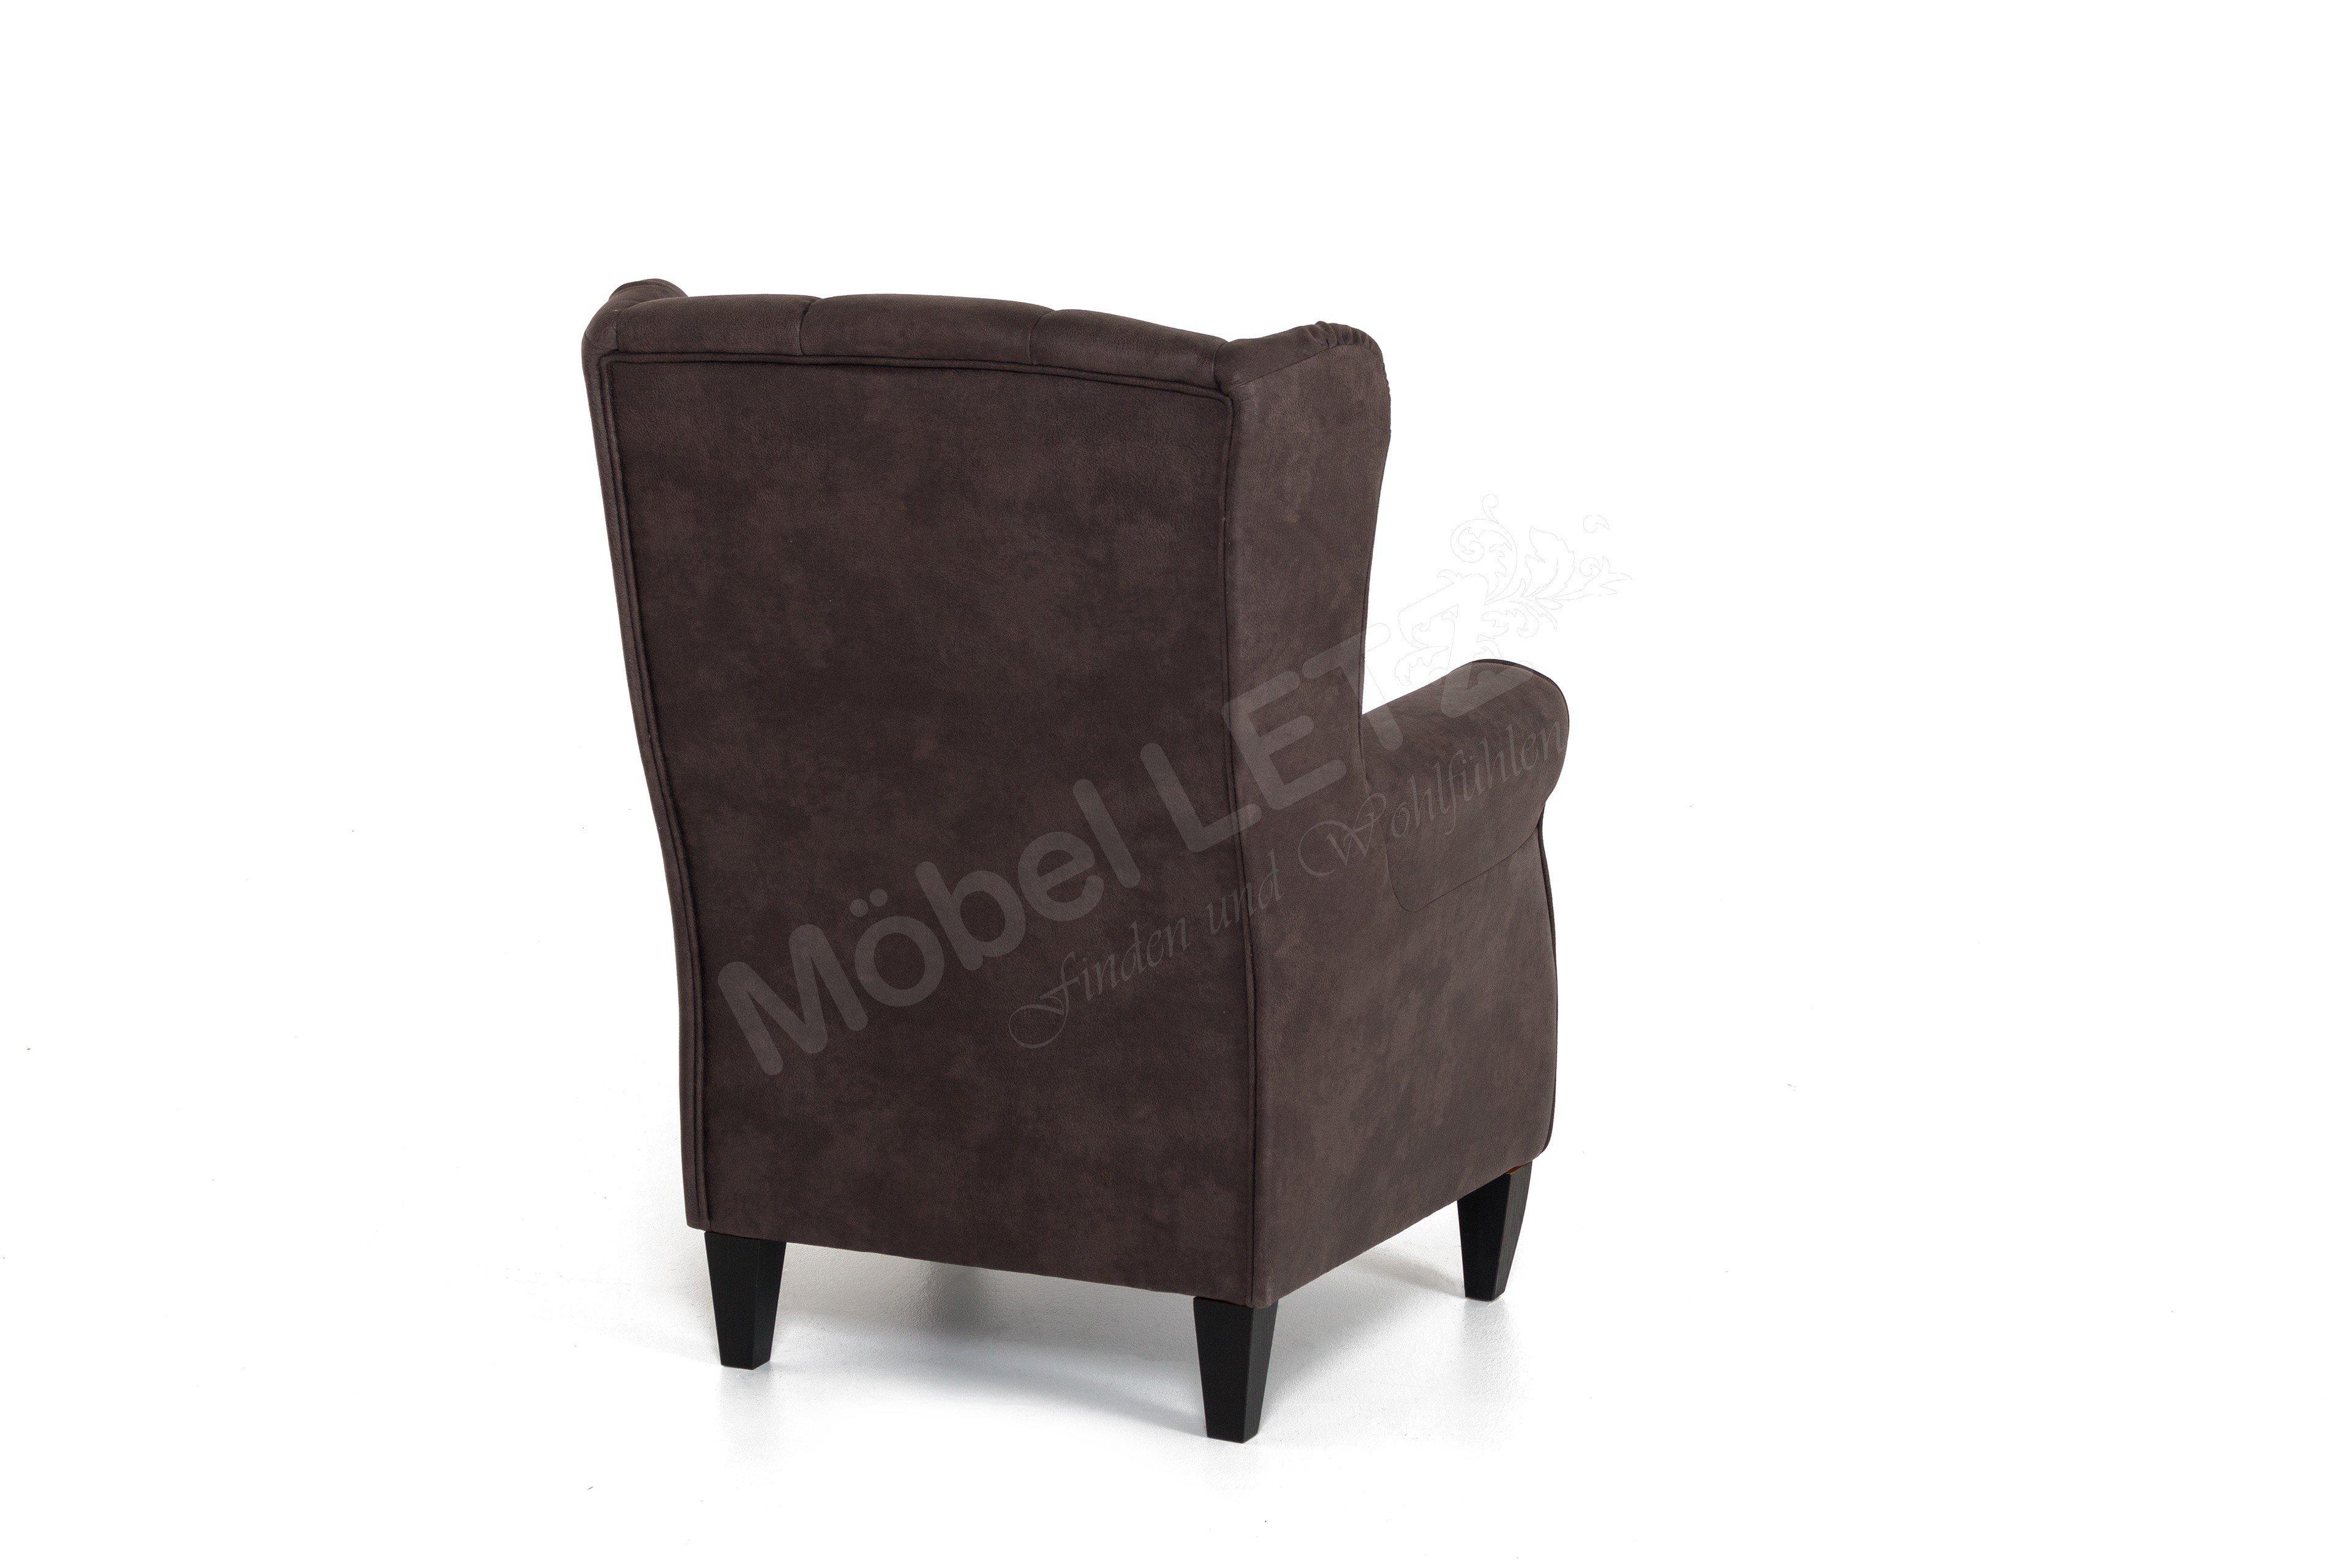 dfm polsterm bel sherman sessel in braun m bel letz. Black Bedroom Furniture Sets. Home Design Ideas